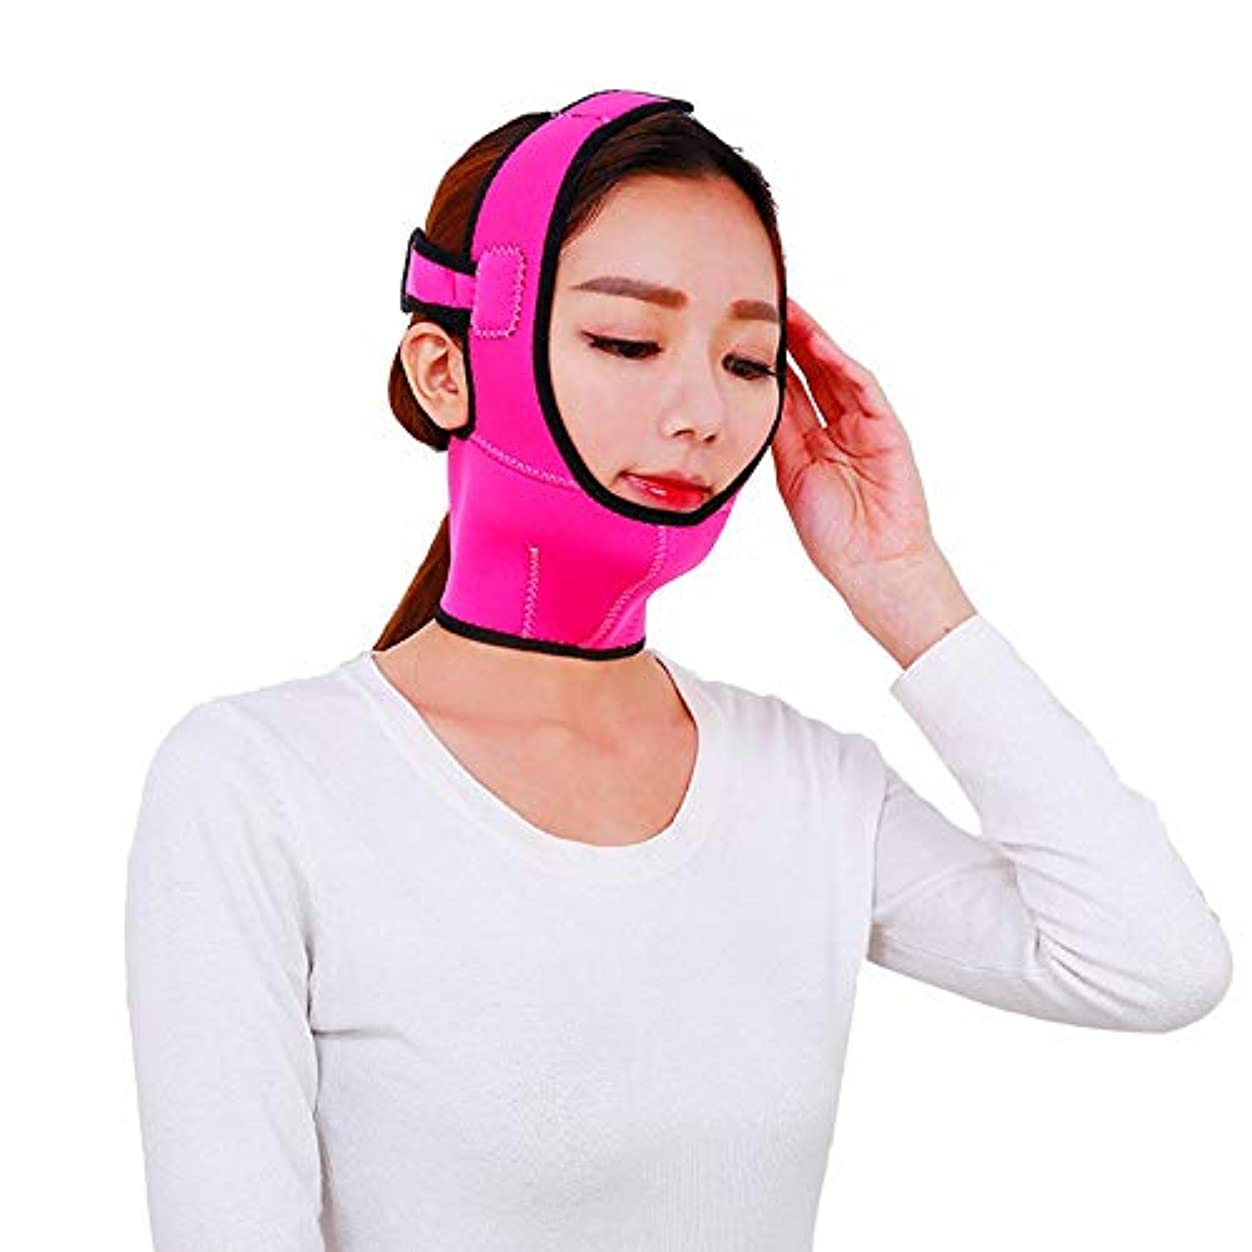 量乱雑なうぬぼれ顔を持ち上げるベルト通気性の顔面リフティング包帯ダブルチン顔面リフティングマスクを締めるV顔面顔面リフレッシングツール